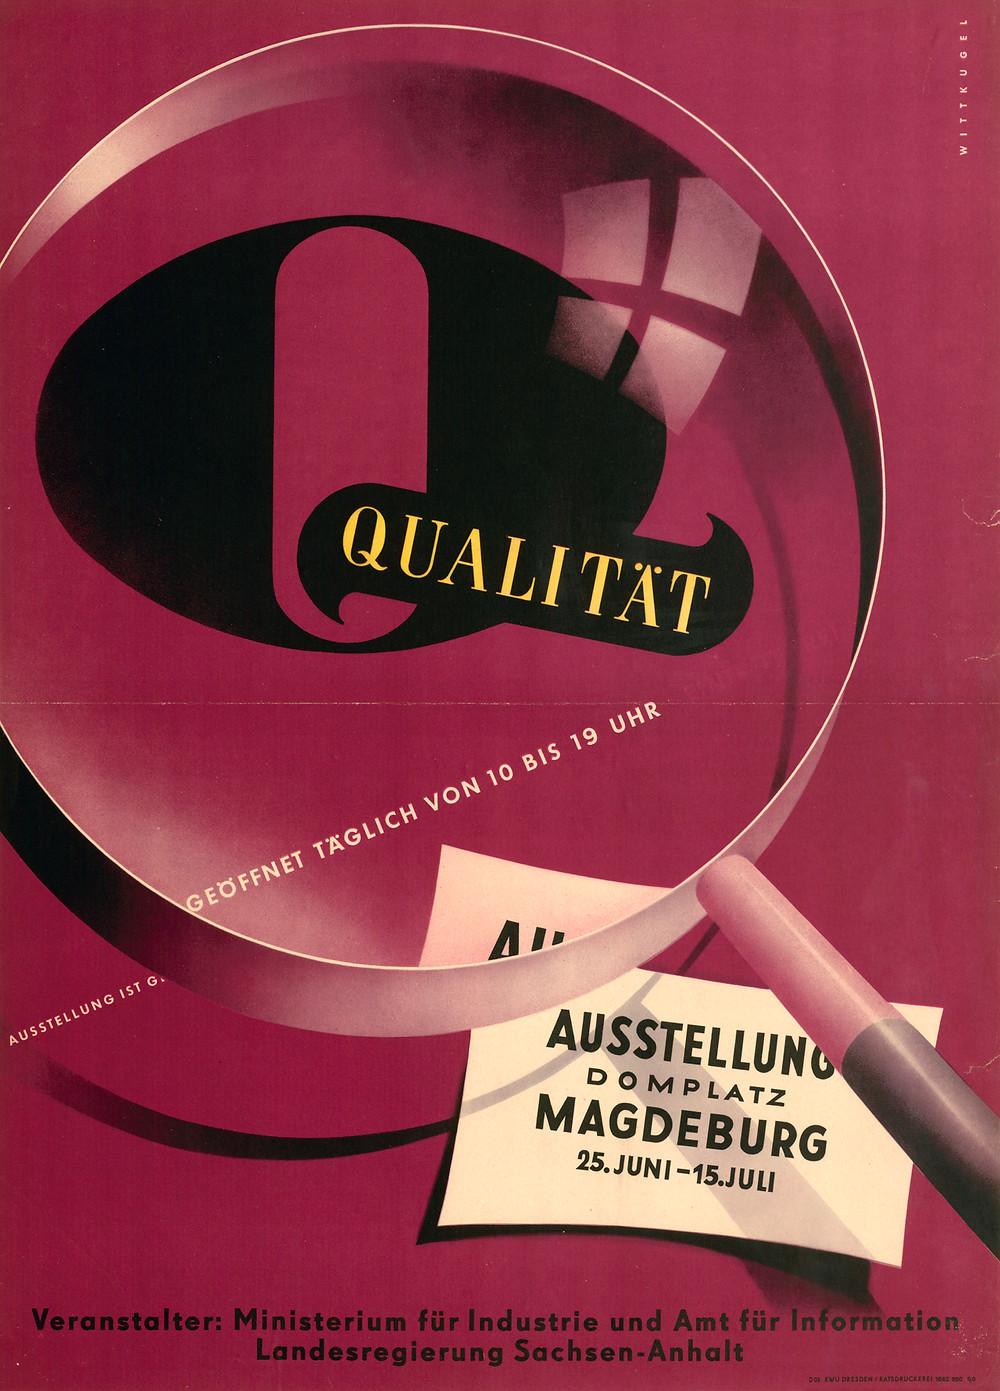 Wittkugel_1950_Qualitaet-02